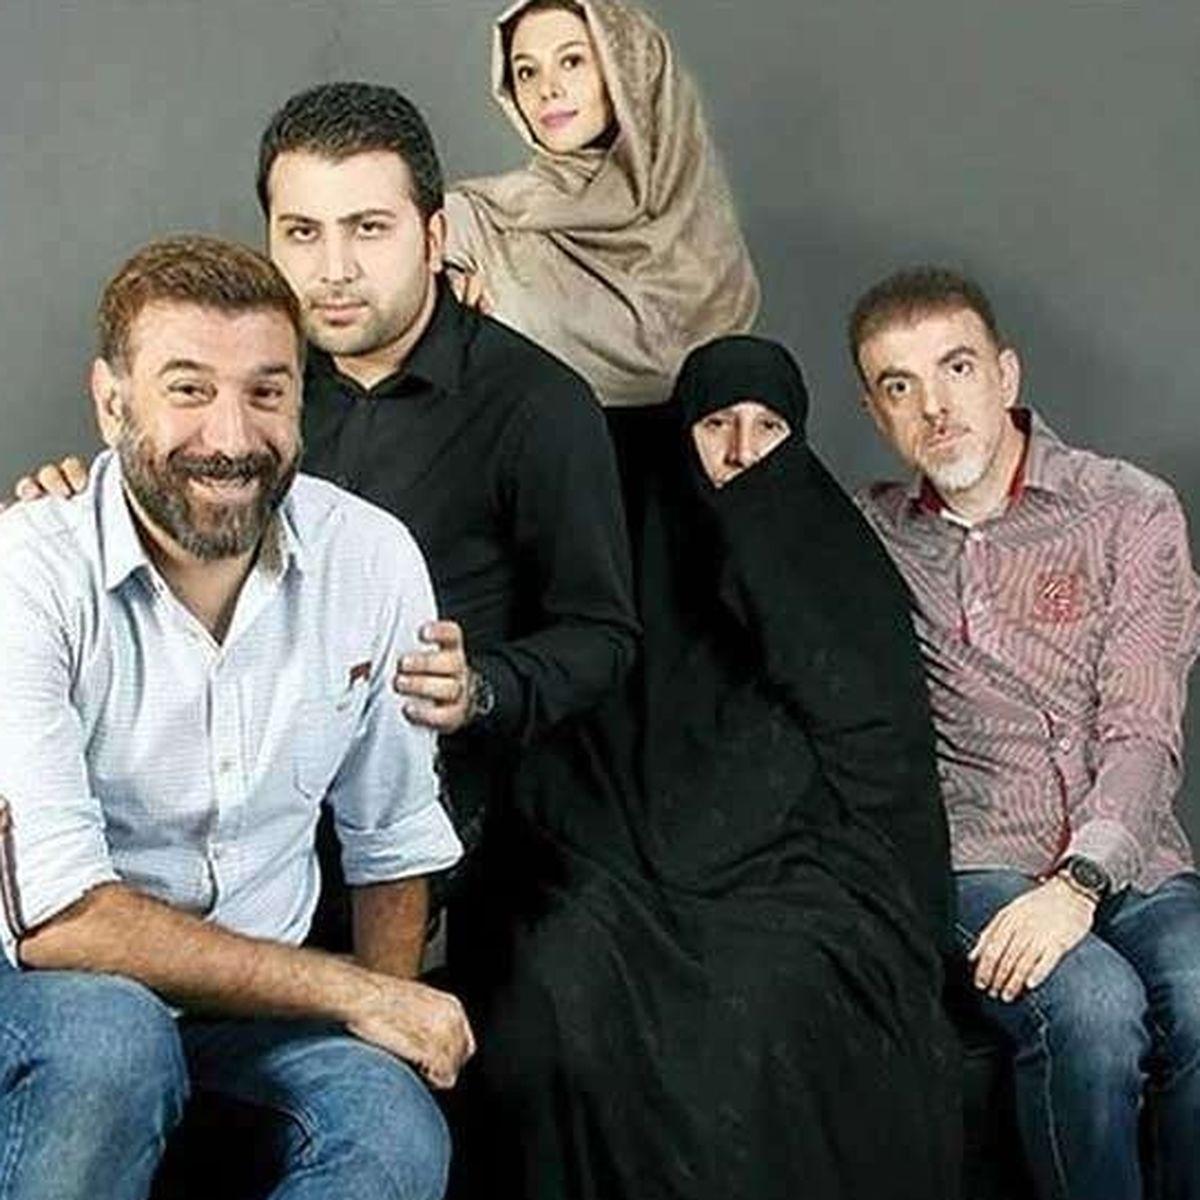 بی تابی های خواهر مرحوم علی انصاریان بر سر مزار + عکس دیده نشده